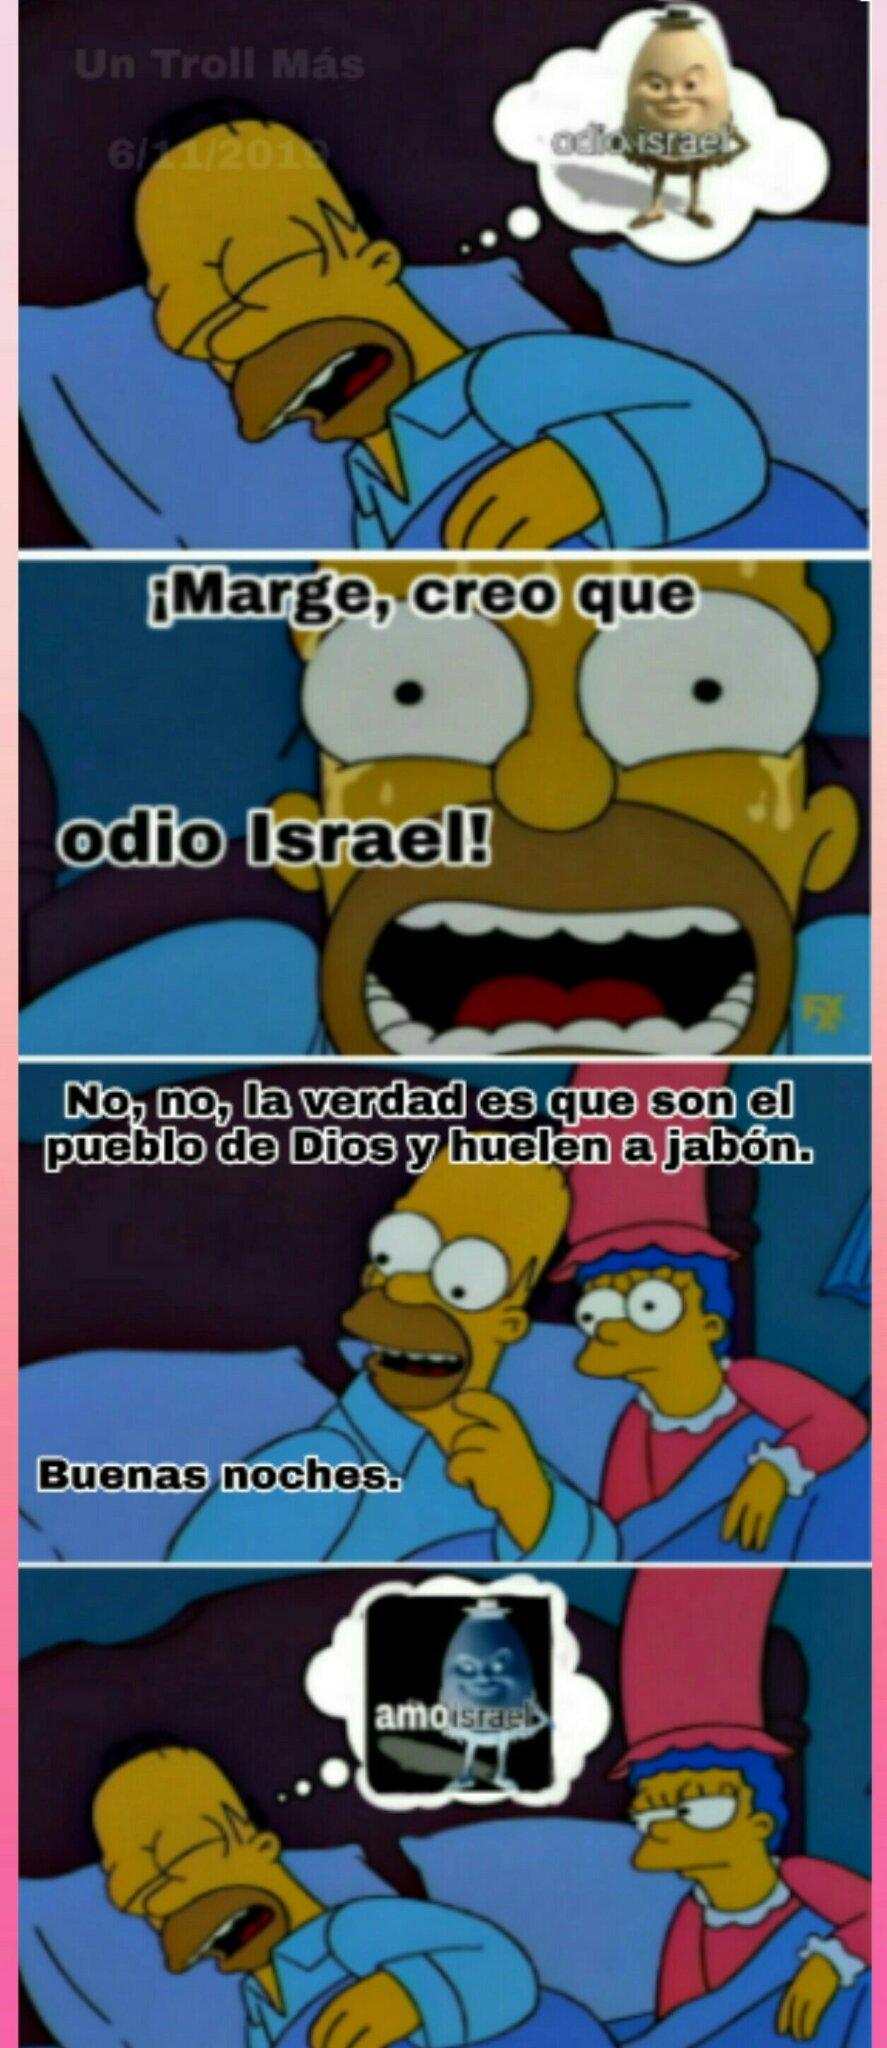 El titulo no sabe si odiar o amar a Israel, lol. - meme